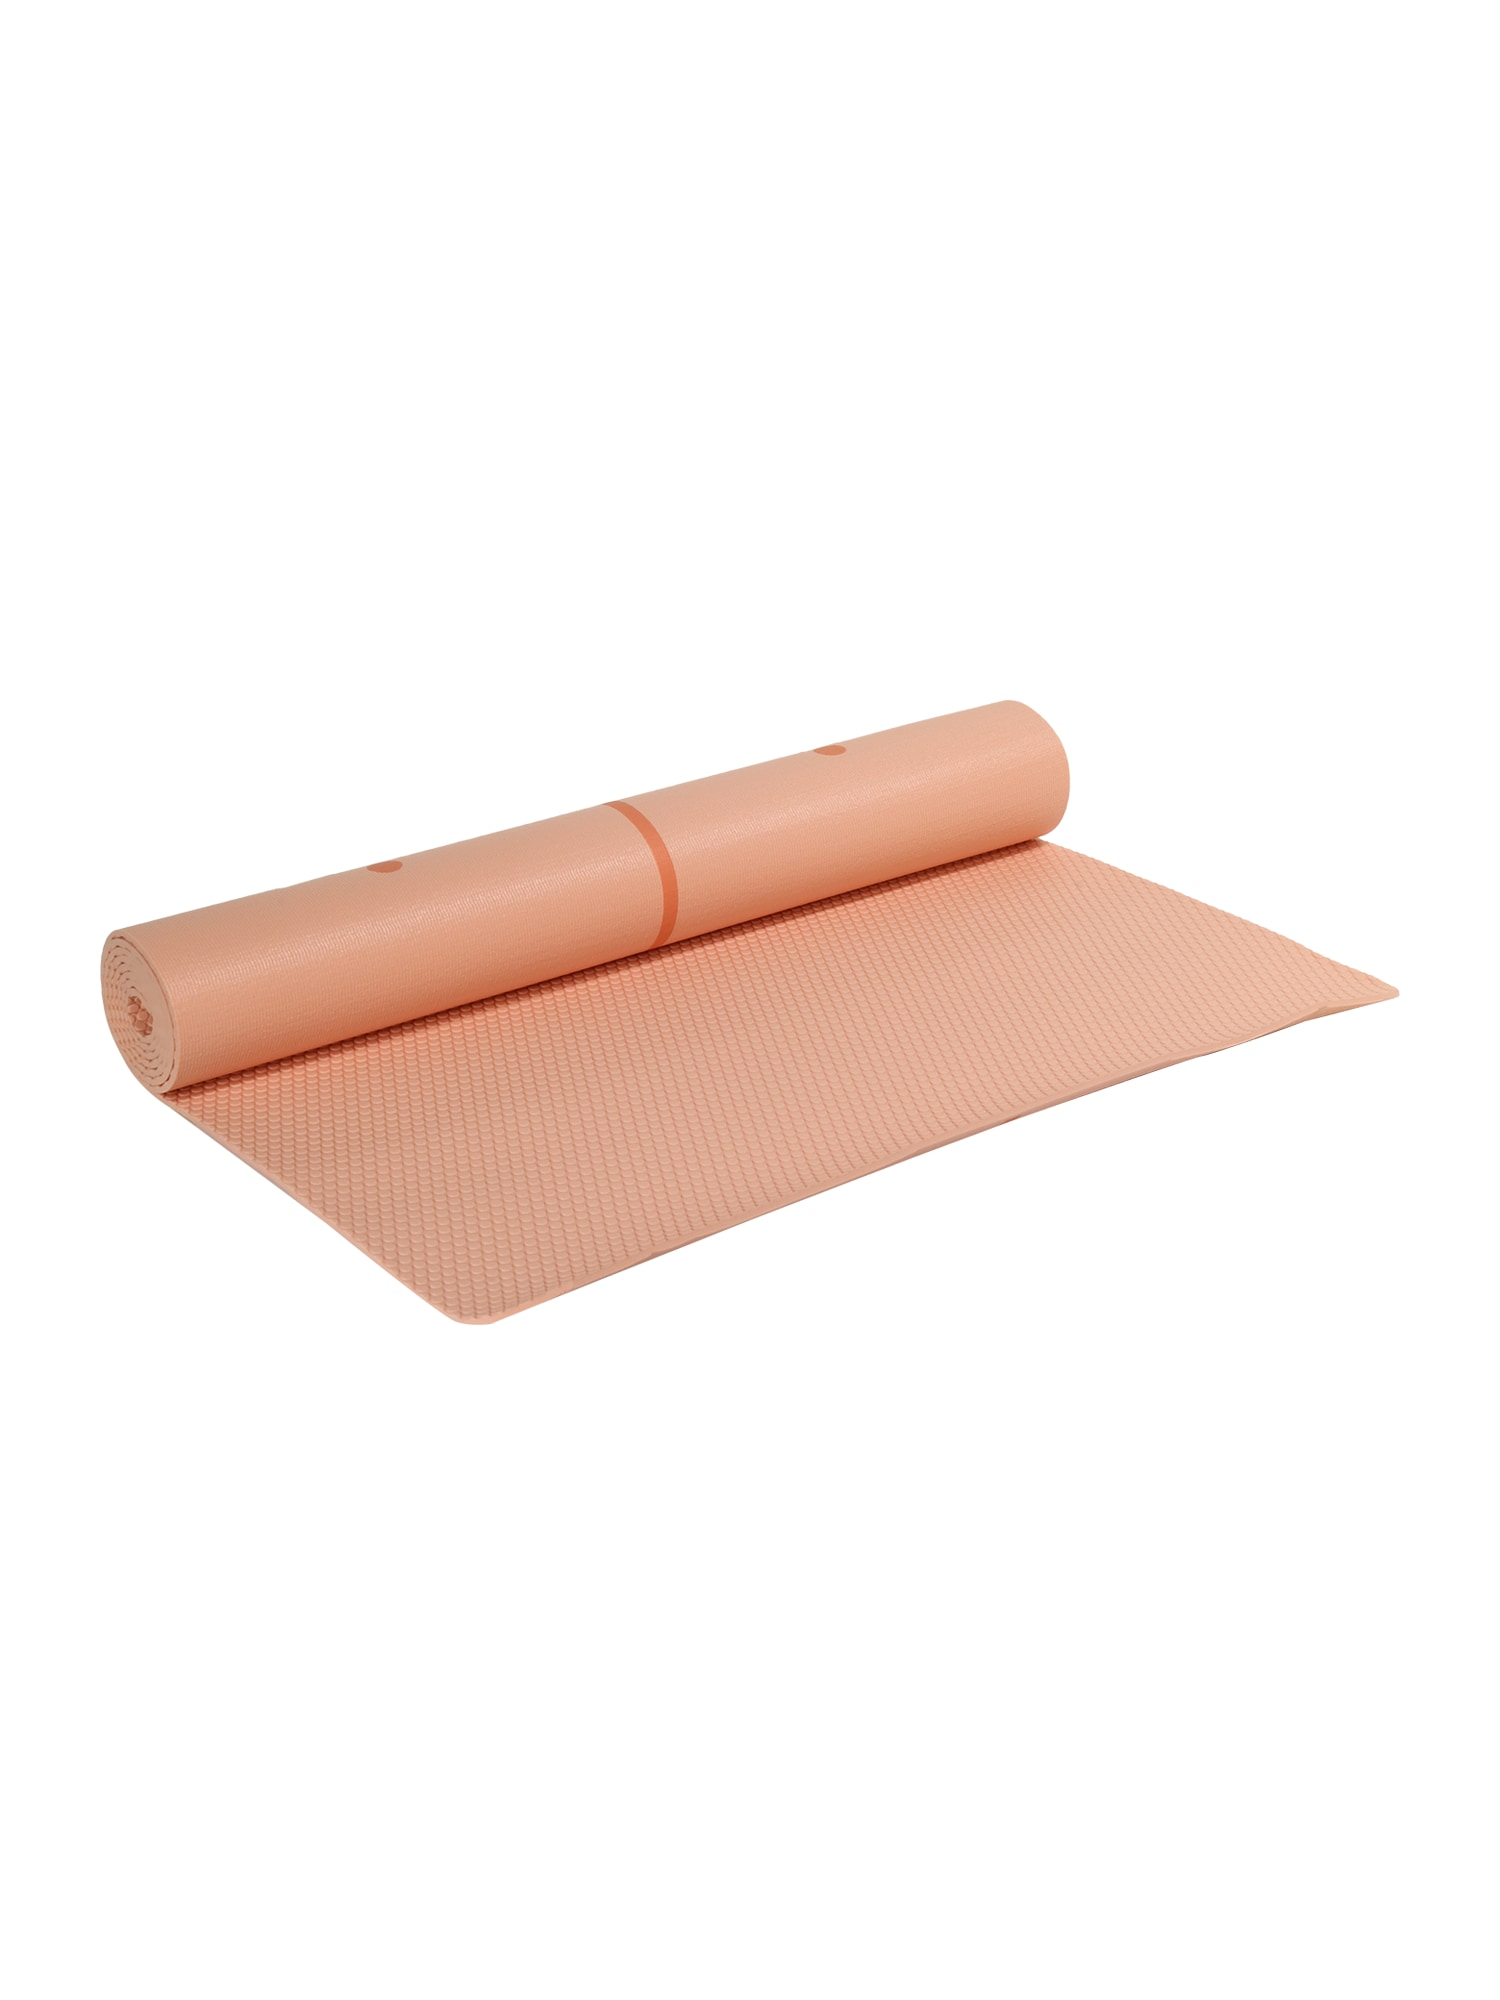 bahé yoga Kilimėlis